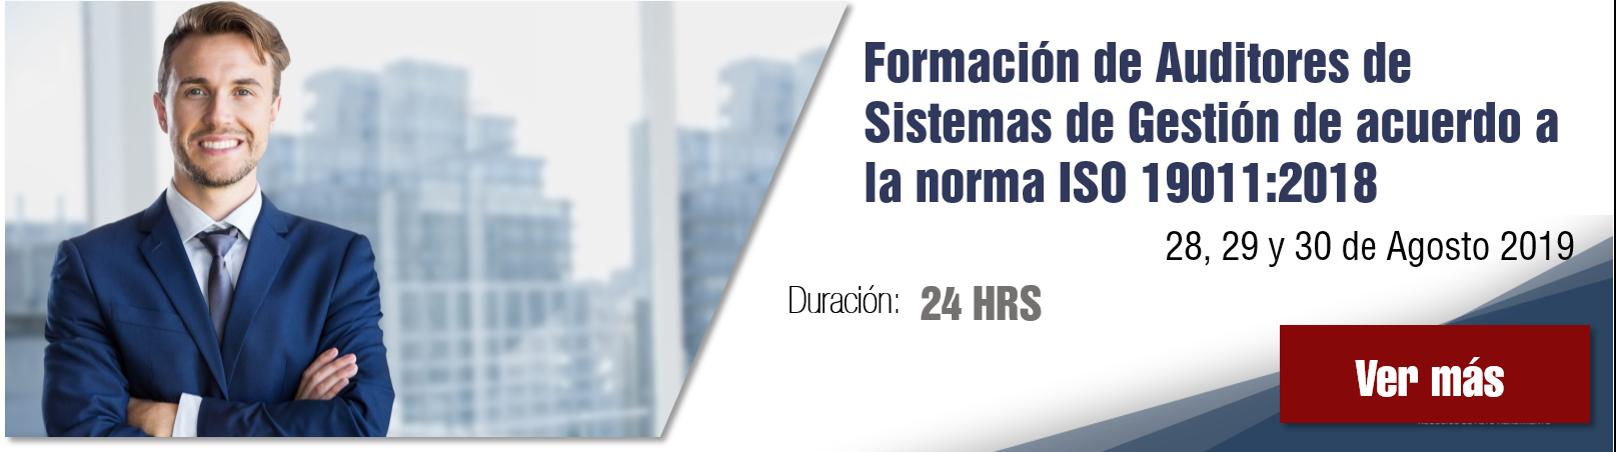 Curso Formación de auditores de sistemas de gestión de acuerdo a la norma ISO 19011